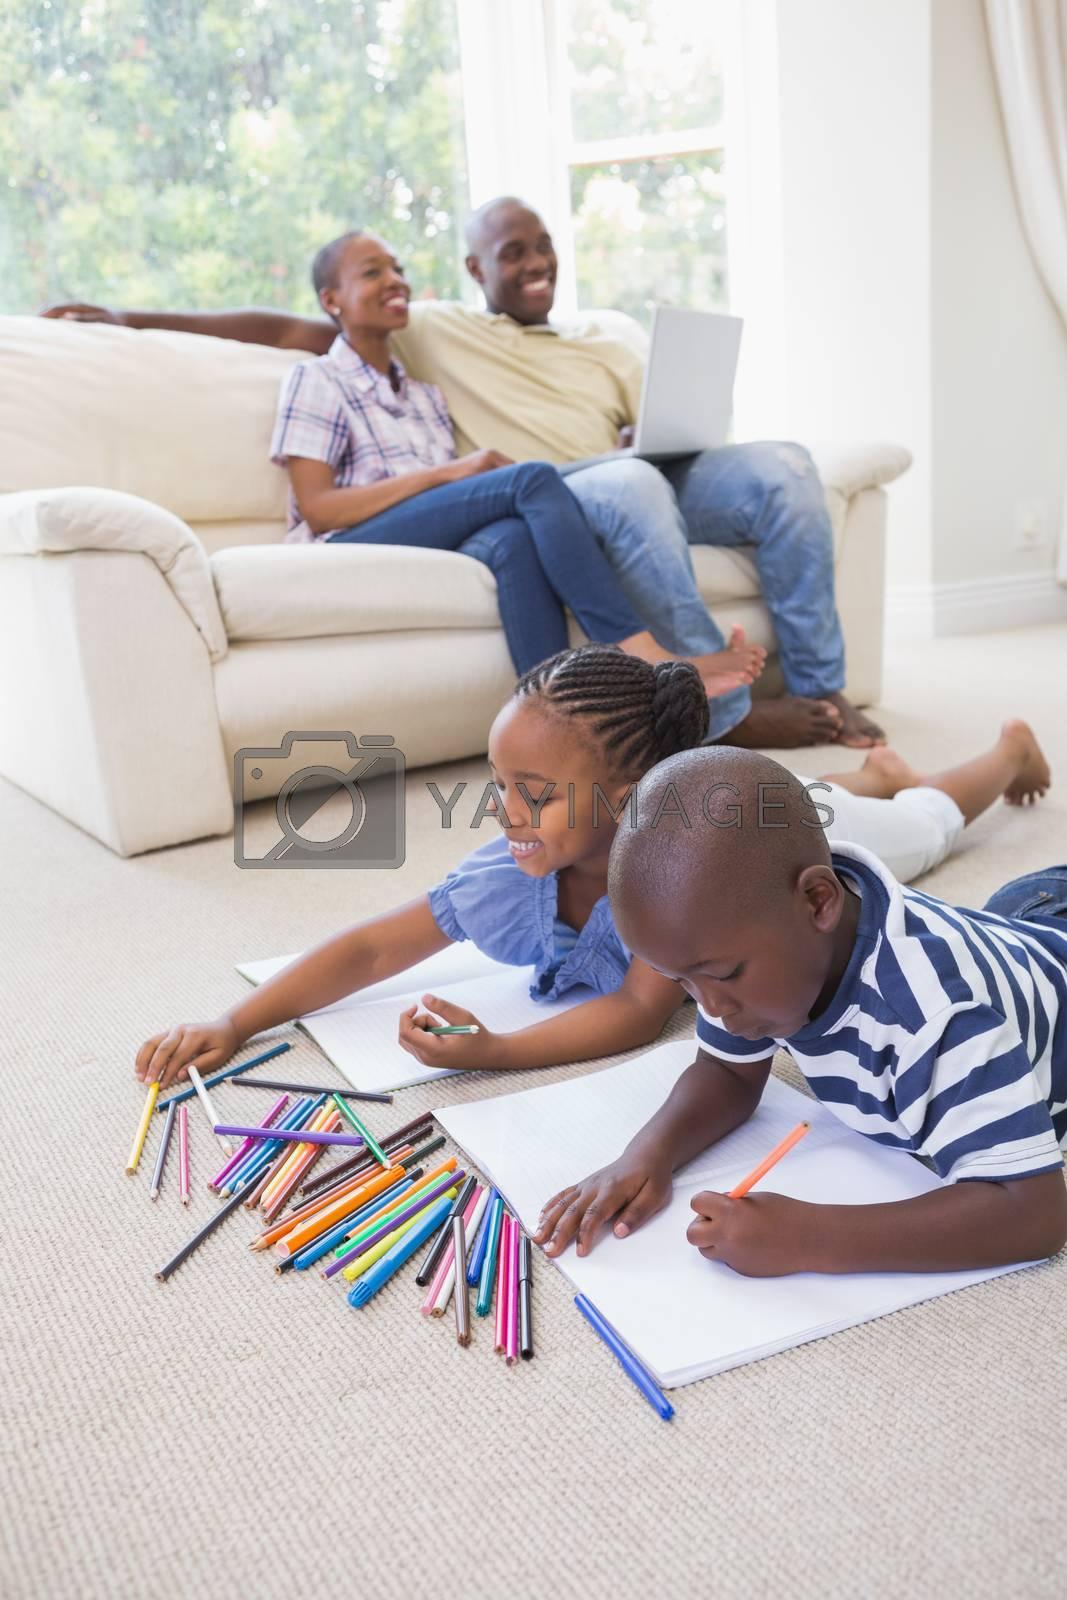 Royalty free image of Happy siblings on the floor drawing by Wavebreakmedia